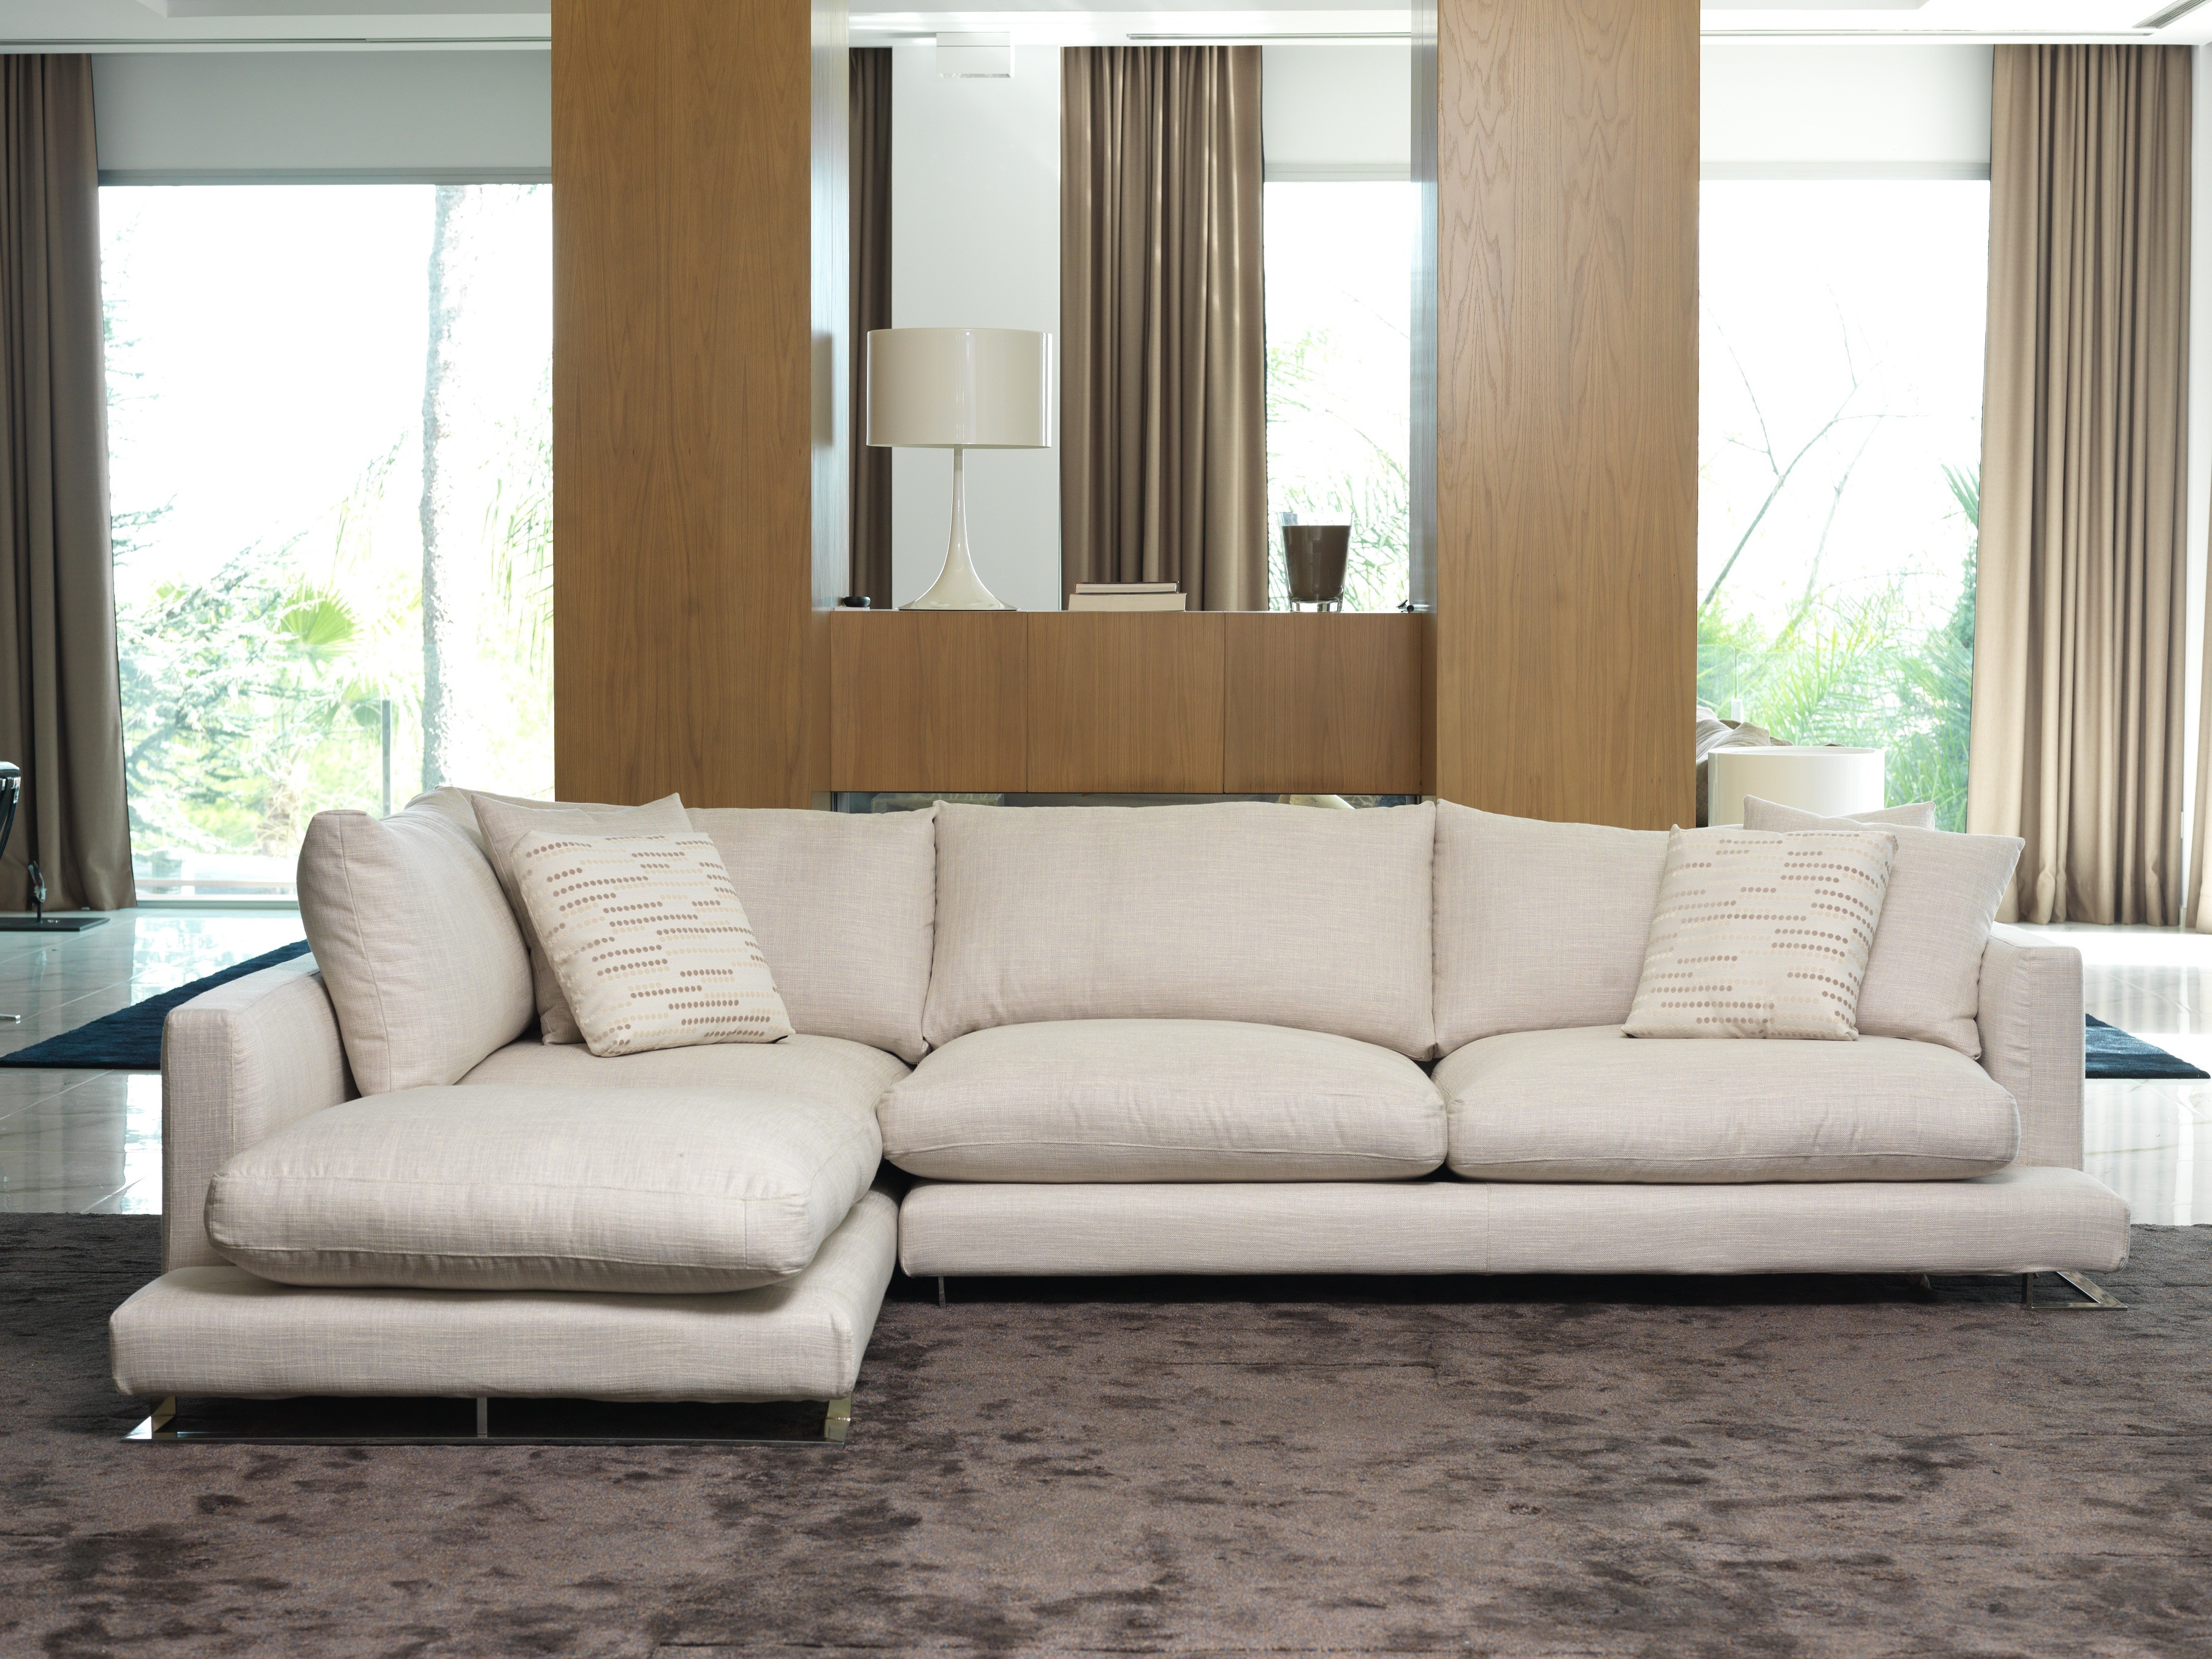 Sof comprar sof decoraci n sof s for Casas de sofas en madrid